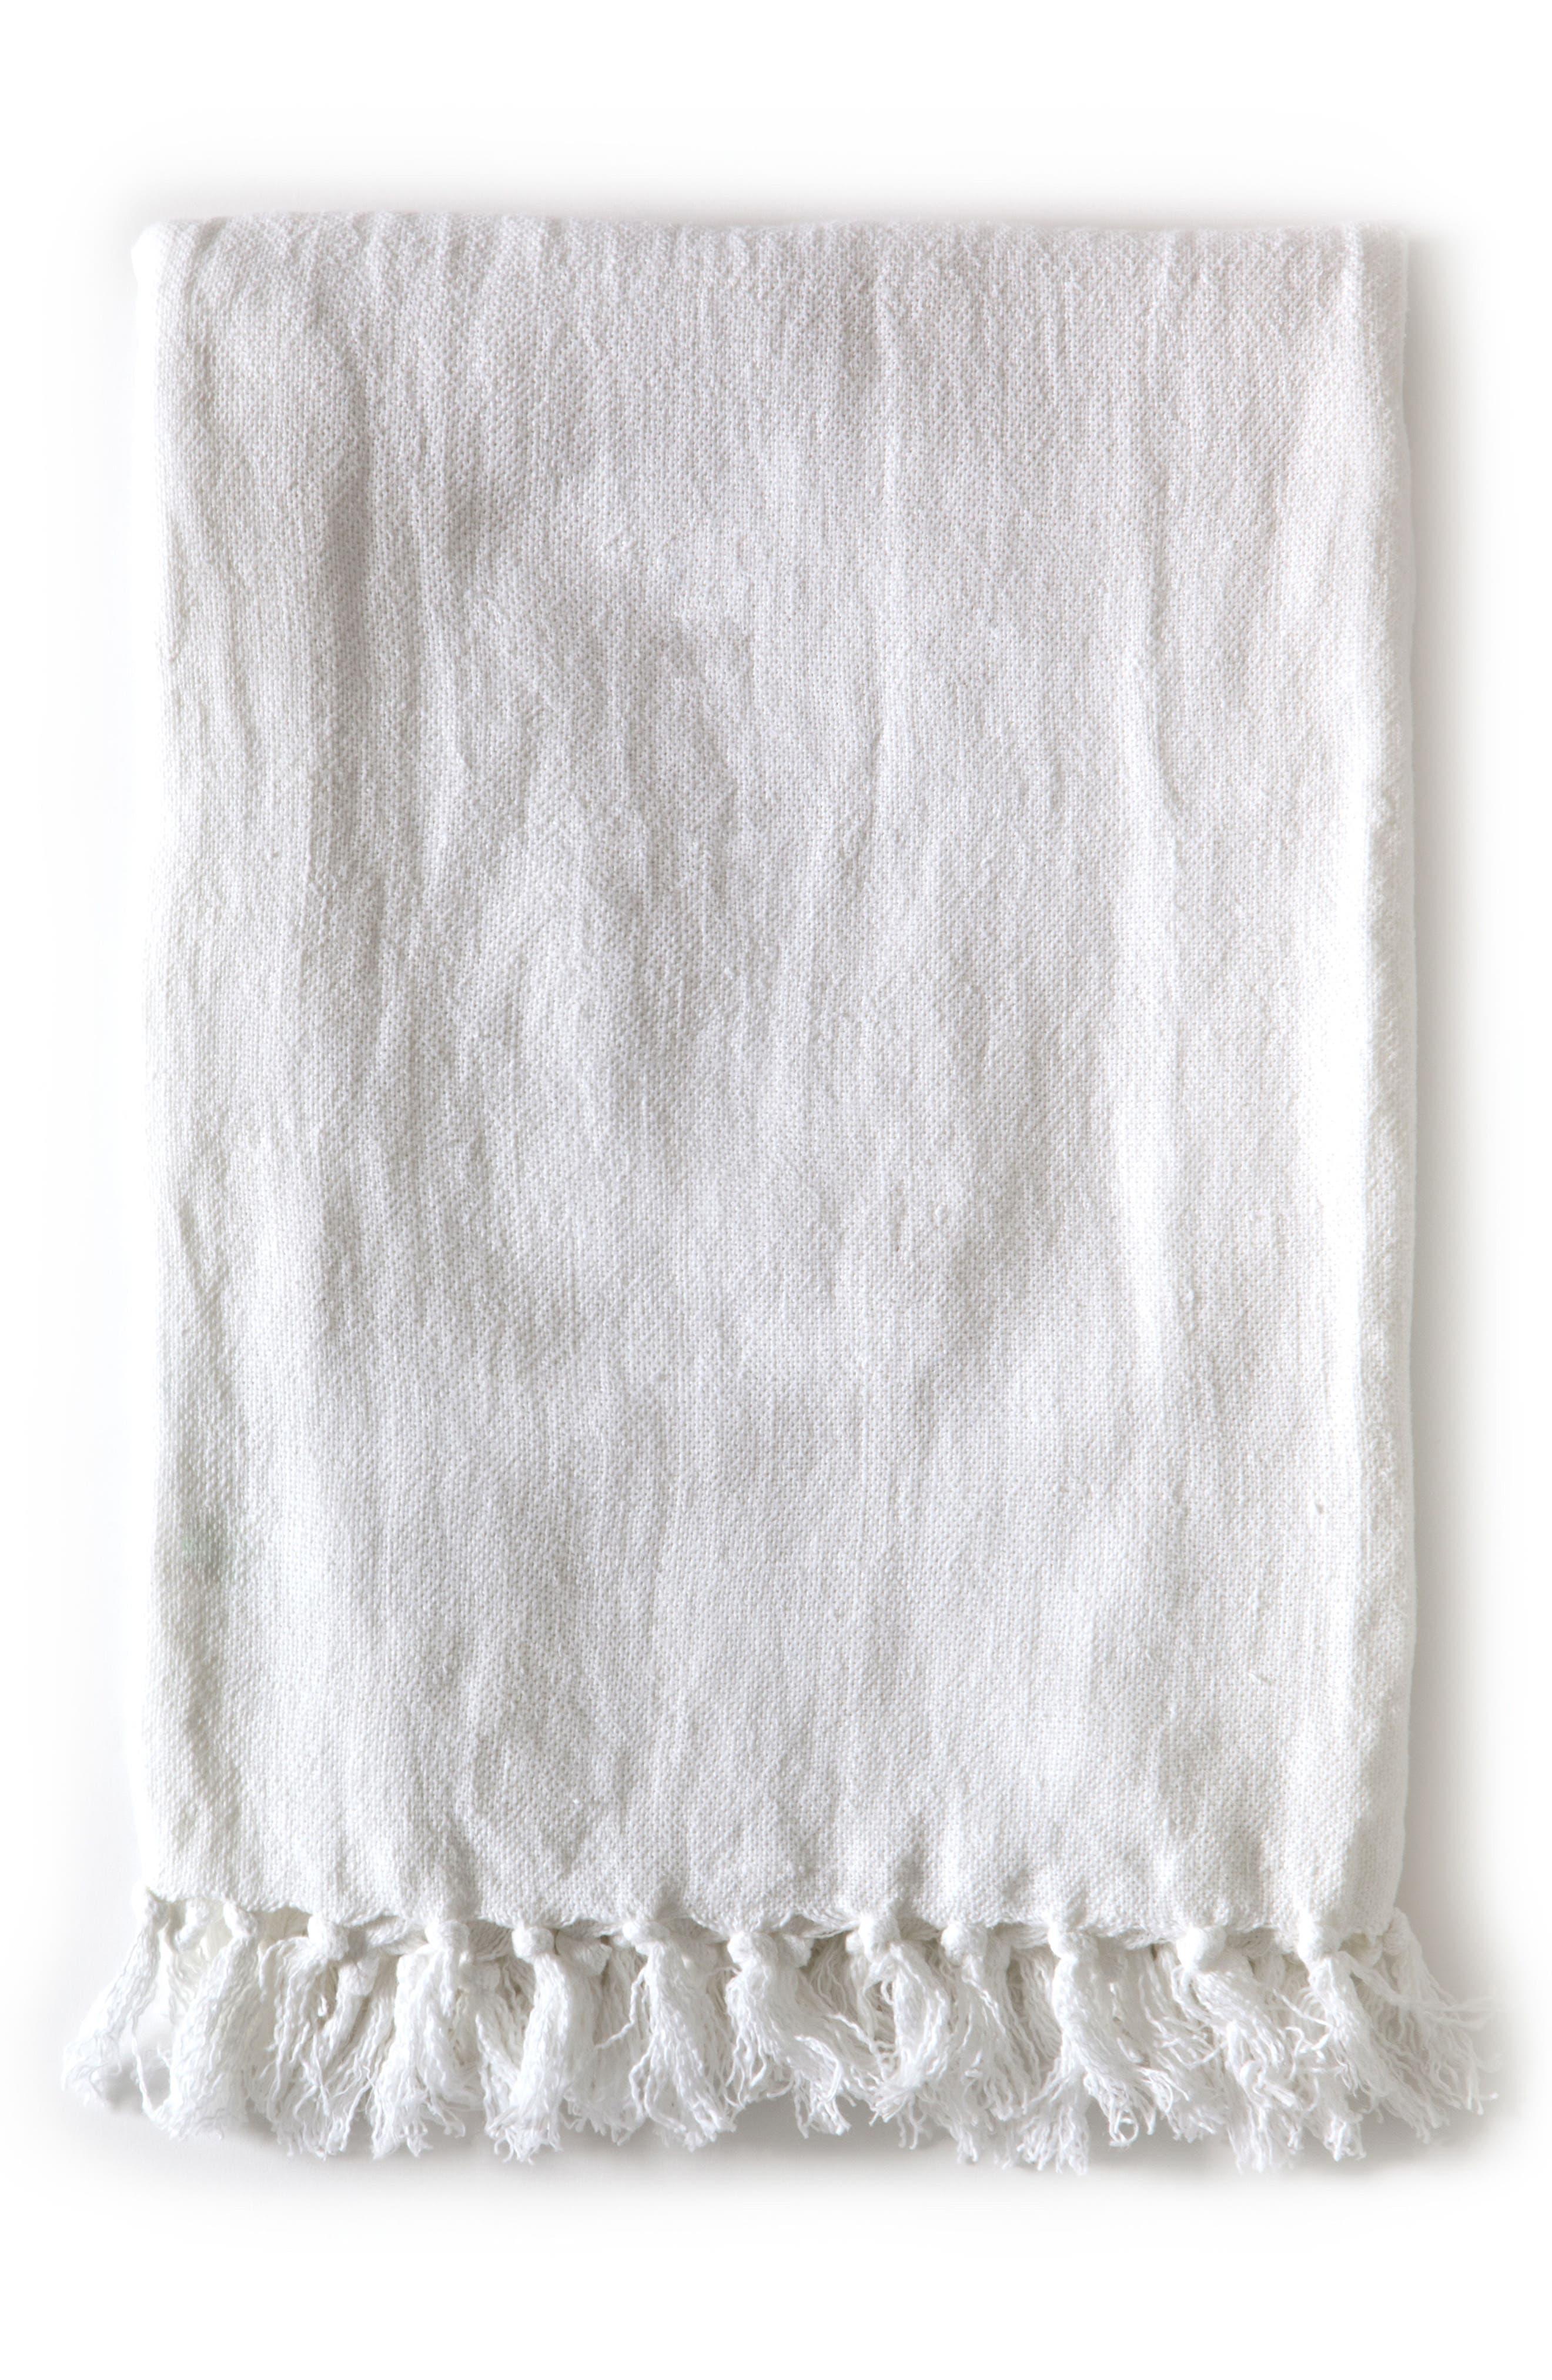 Montauk Throw Blanket,                             Main thumbnail 1, color,                             WHITE